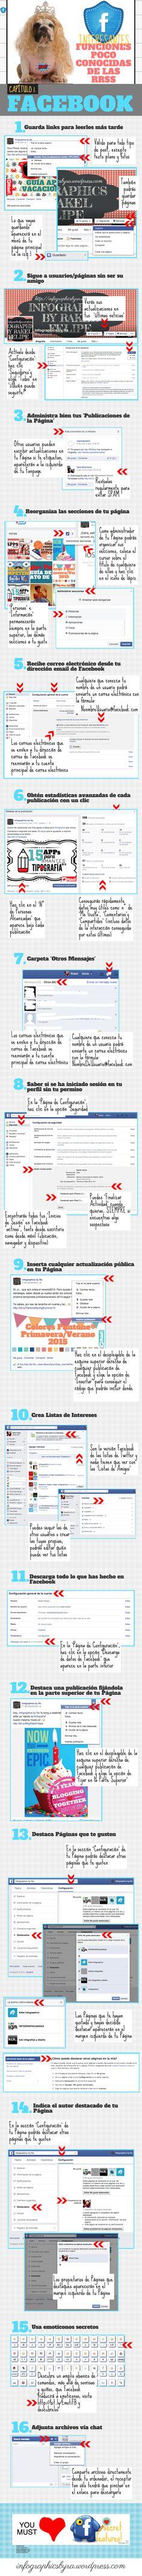 INTERESANTES FUNCIONES POCO CONOCIDAS DE FACEBOOK #INFOGRAFIA #INFOGRAPHIC #SOCIALMEDIA